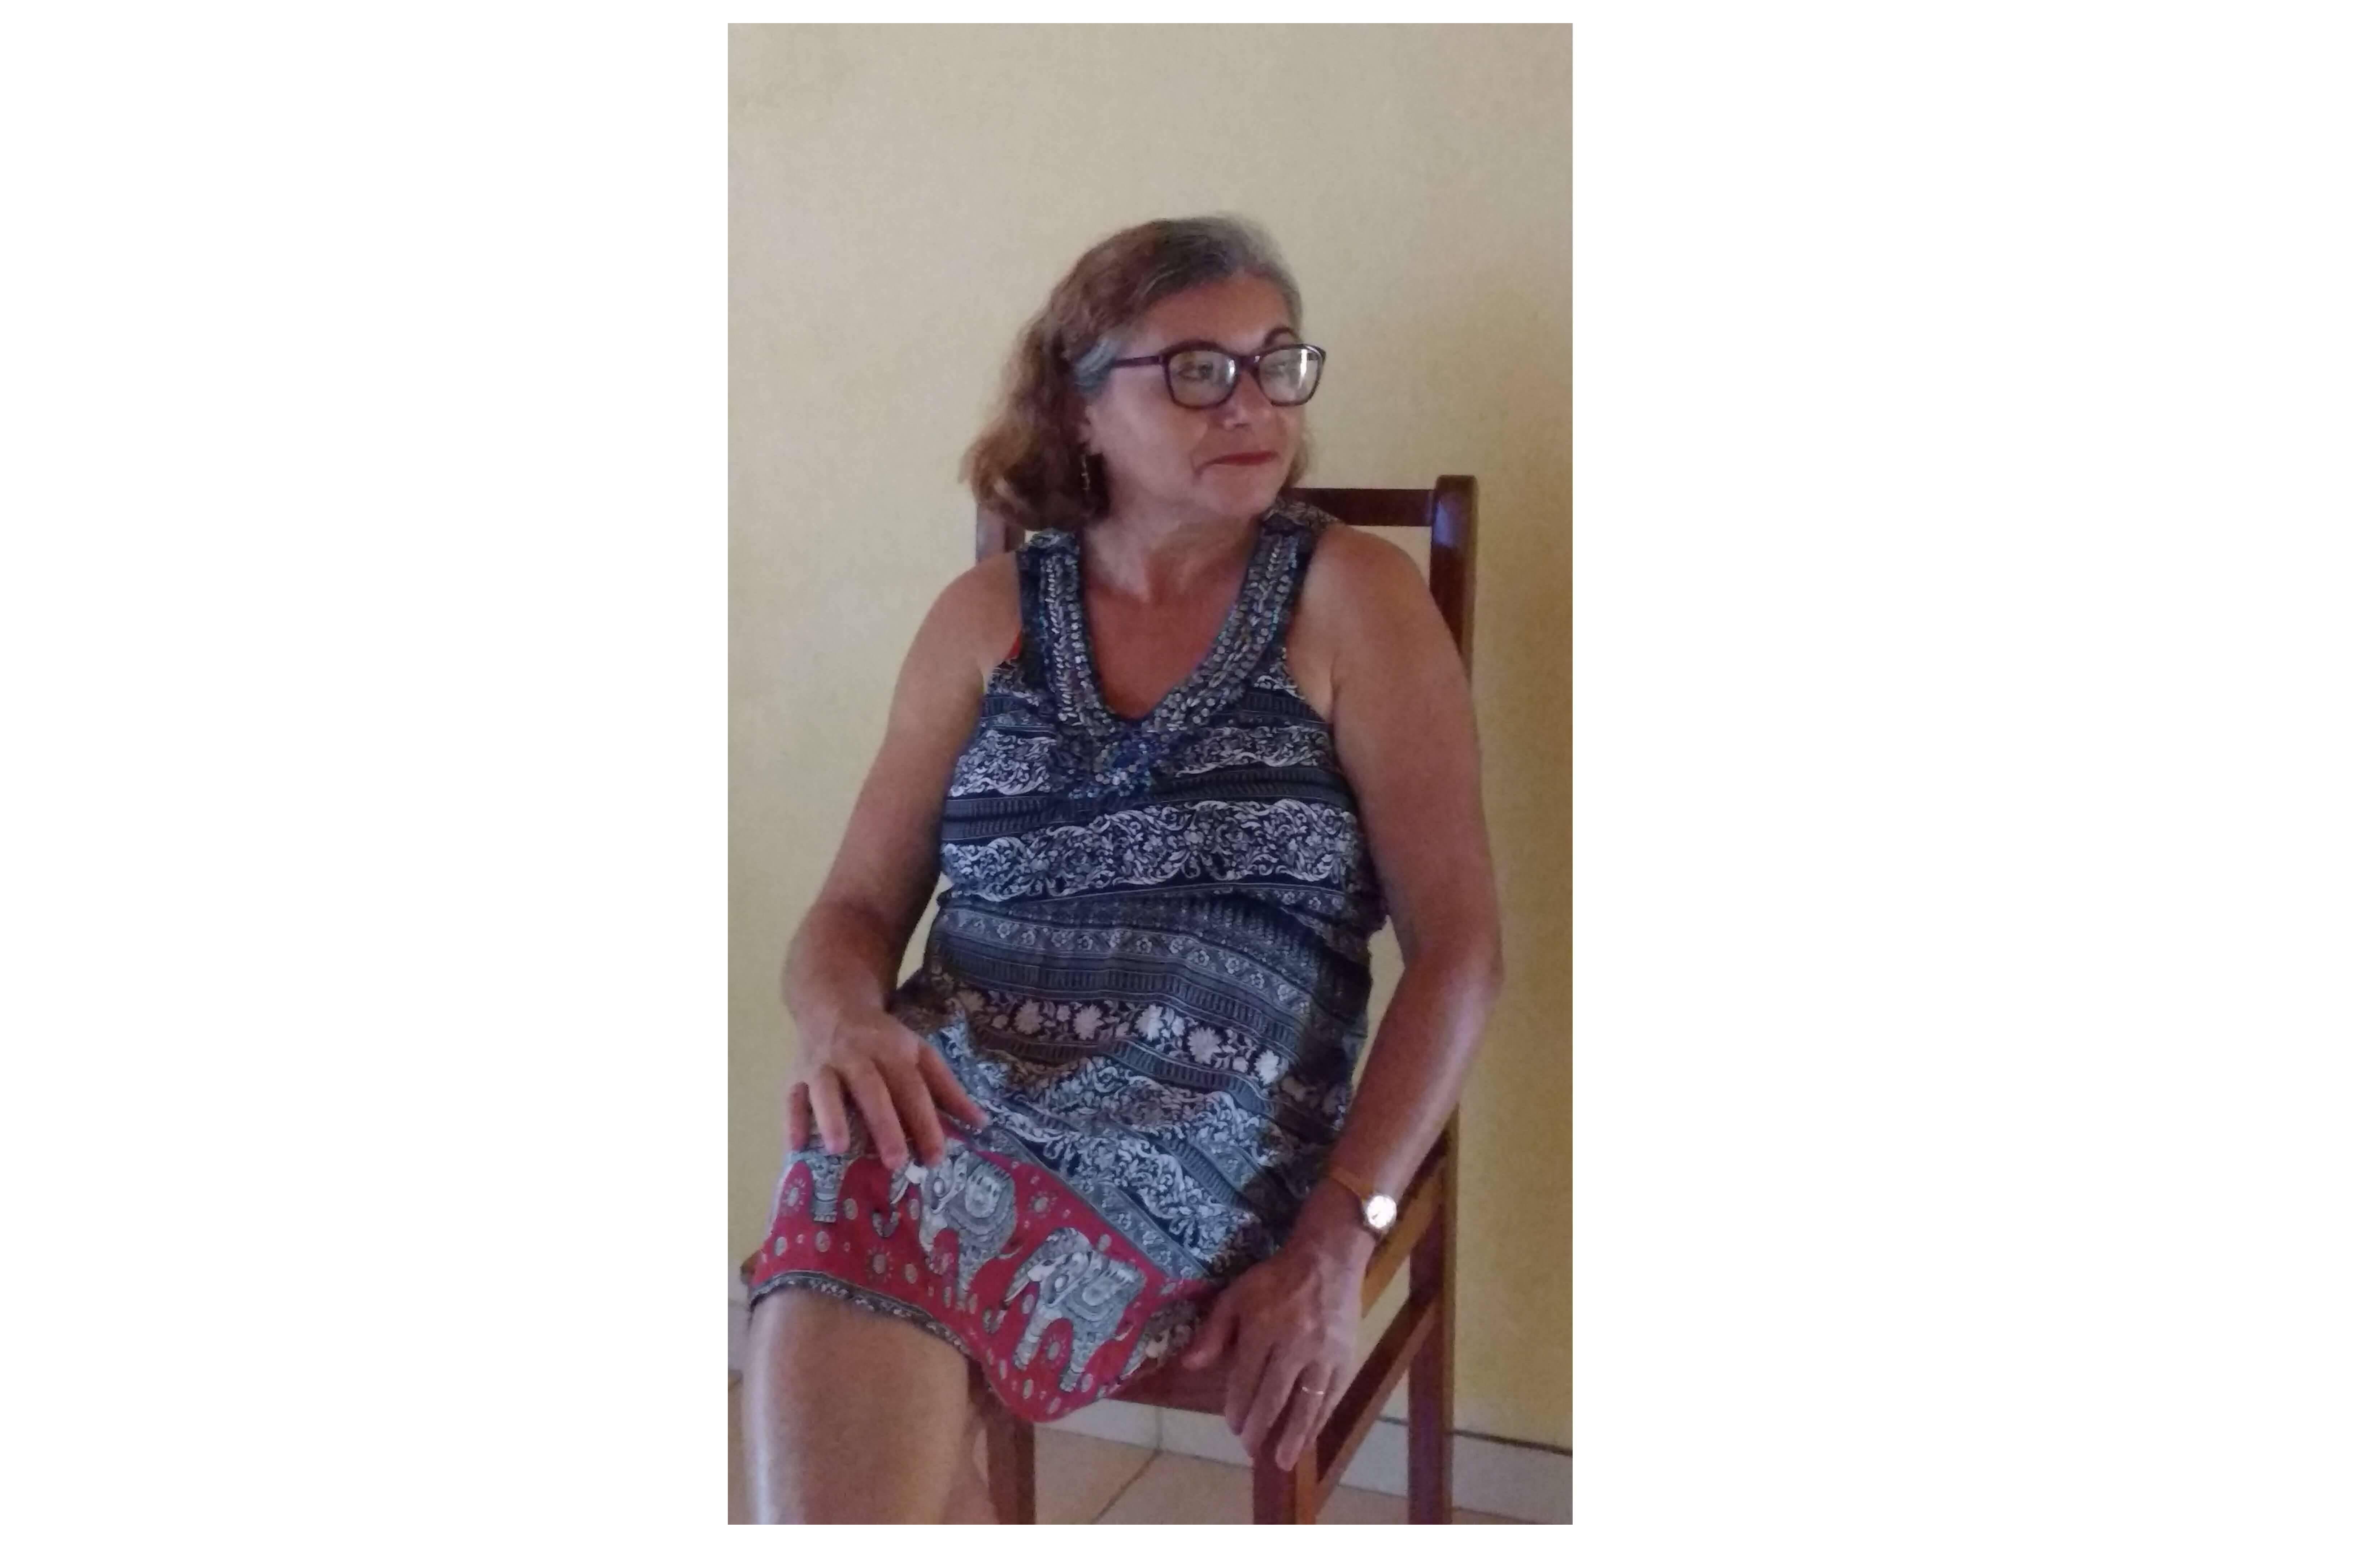 Uma pessoa preciosa minha mãe, por Maria Cinara de Sousa Magalhães. Foto: Maria Cinara de Sousa Magalhães